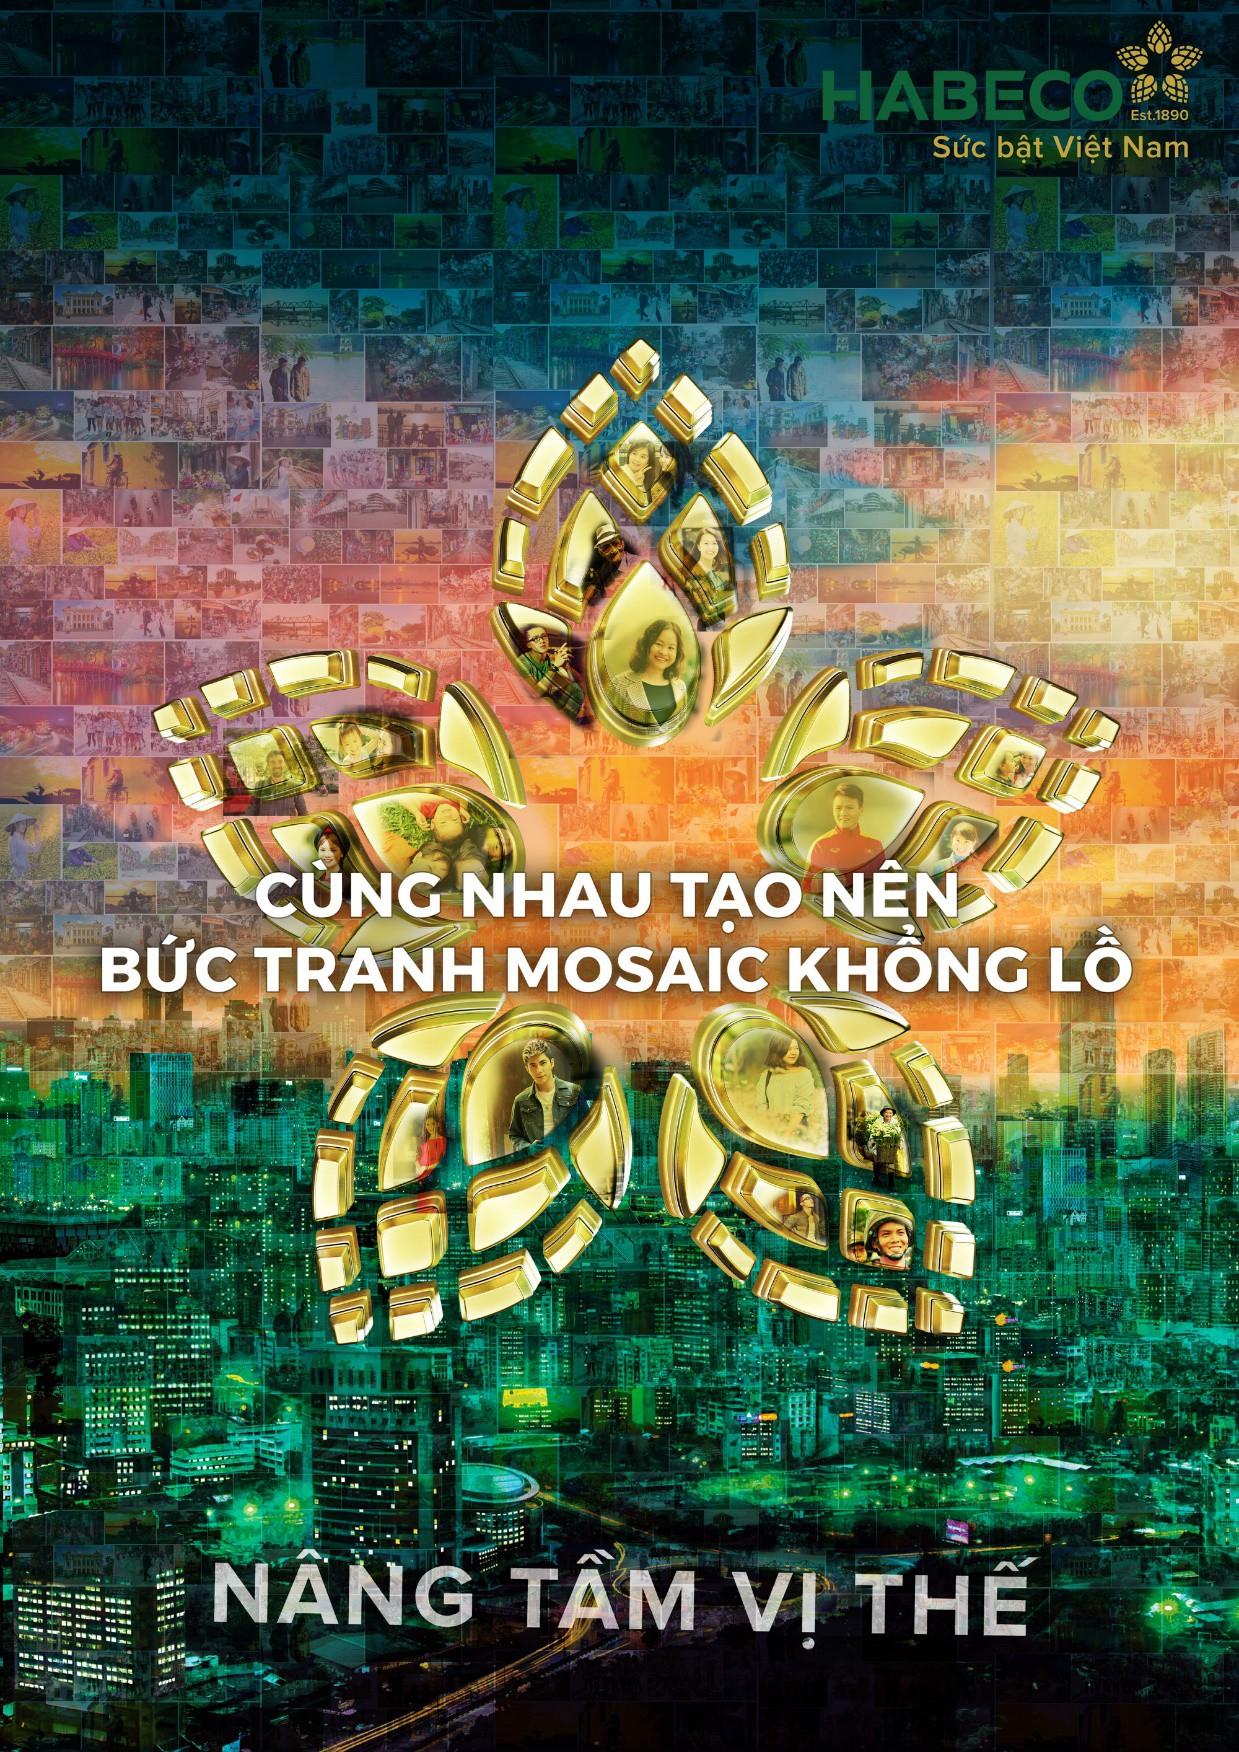 Suni Hạ Linh, Karik sẽ cùng xuất hiện tại phố đi bộ Hà Nội trong sự kiện cực hot cuối tuần này! - Ảnh 2.